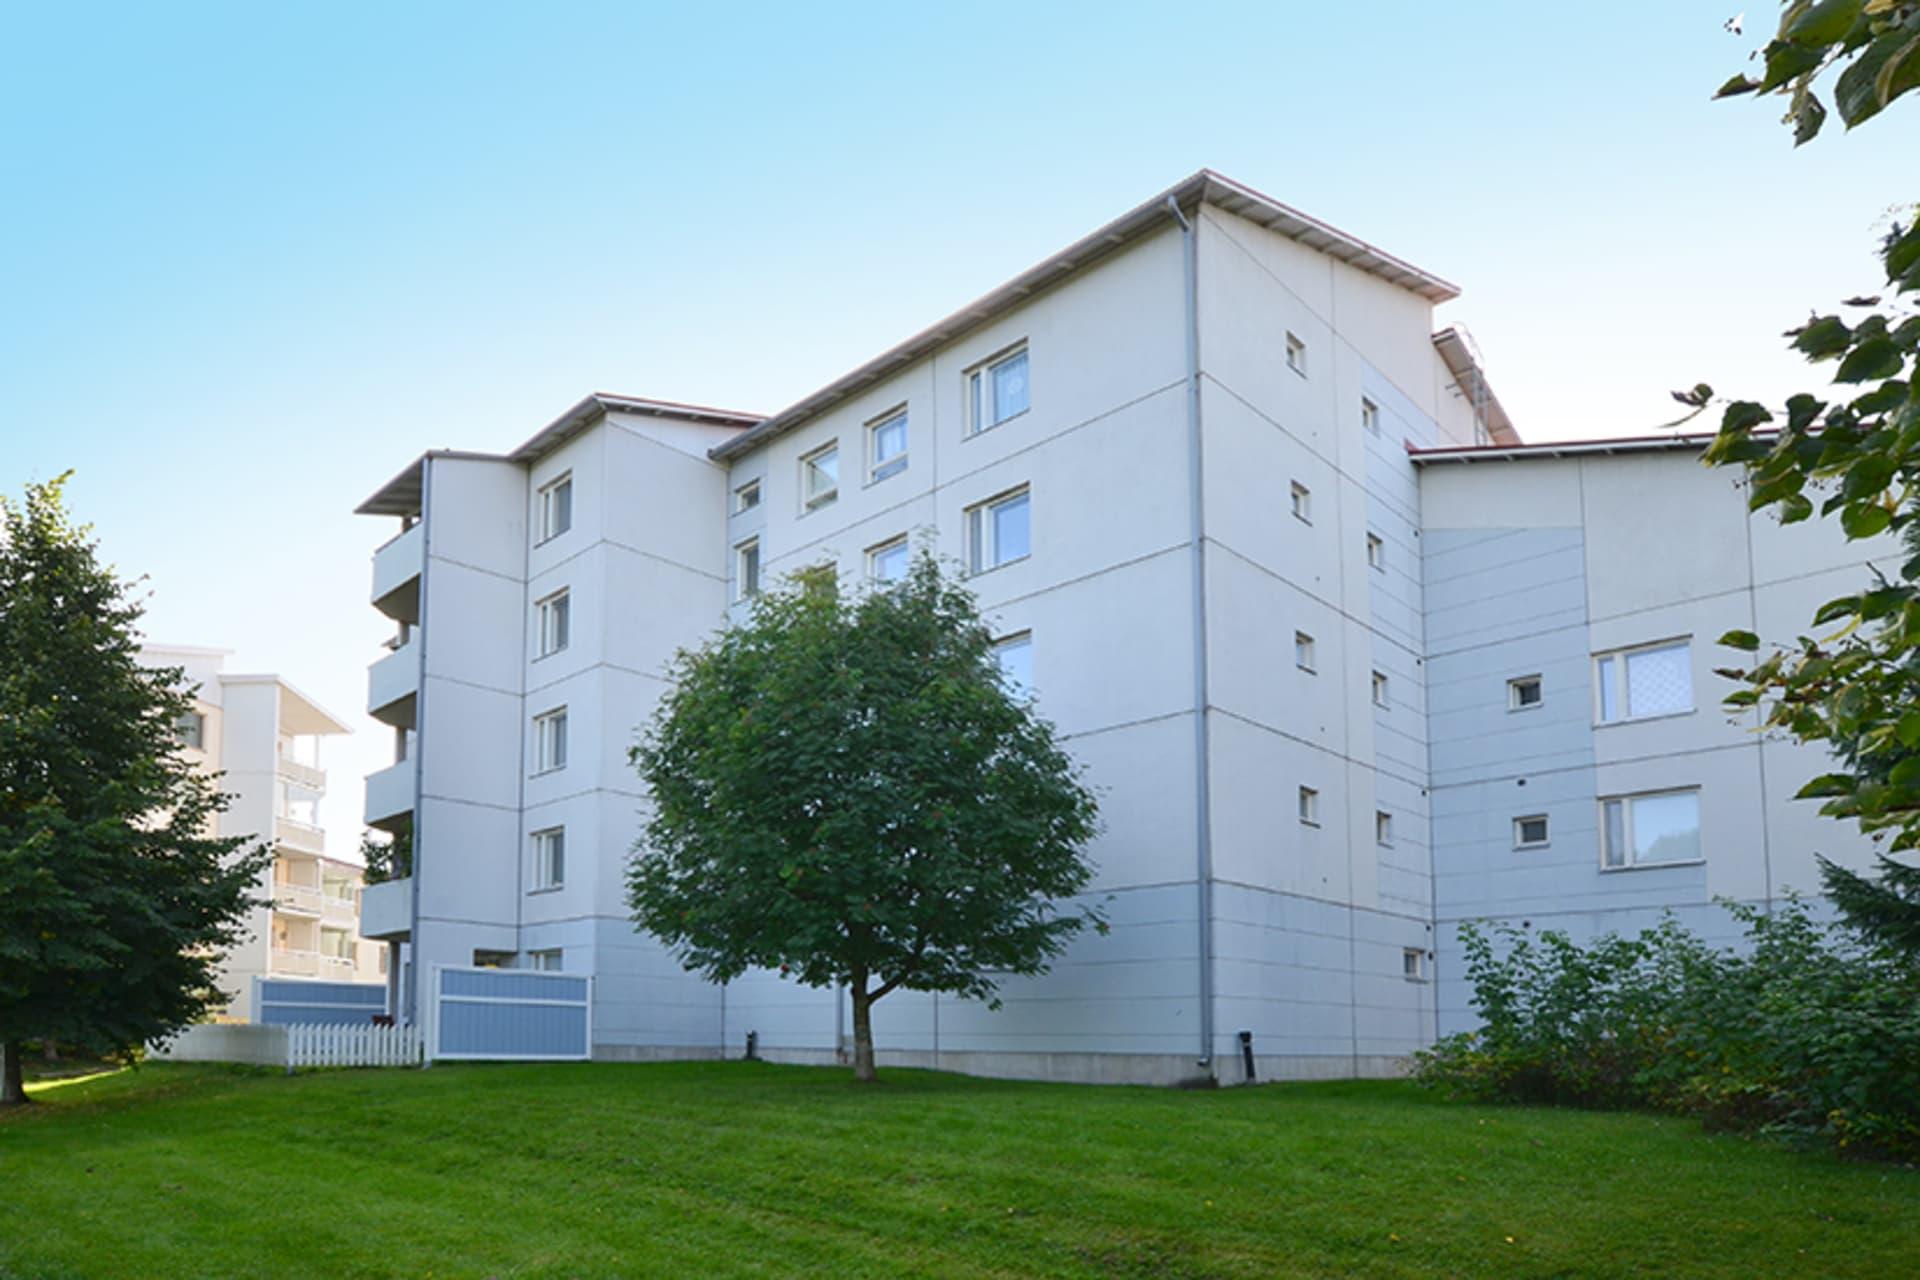 Jankanraitti 13, Tampere - vuokra-asunto